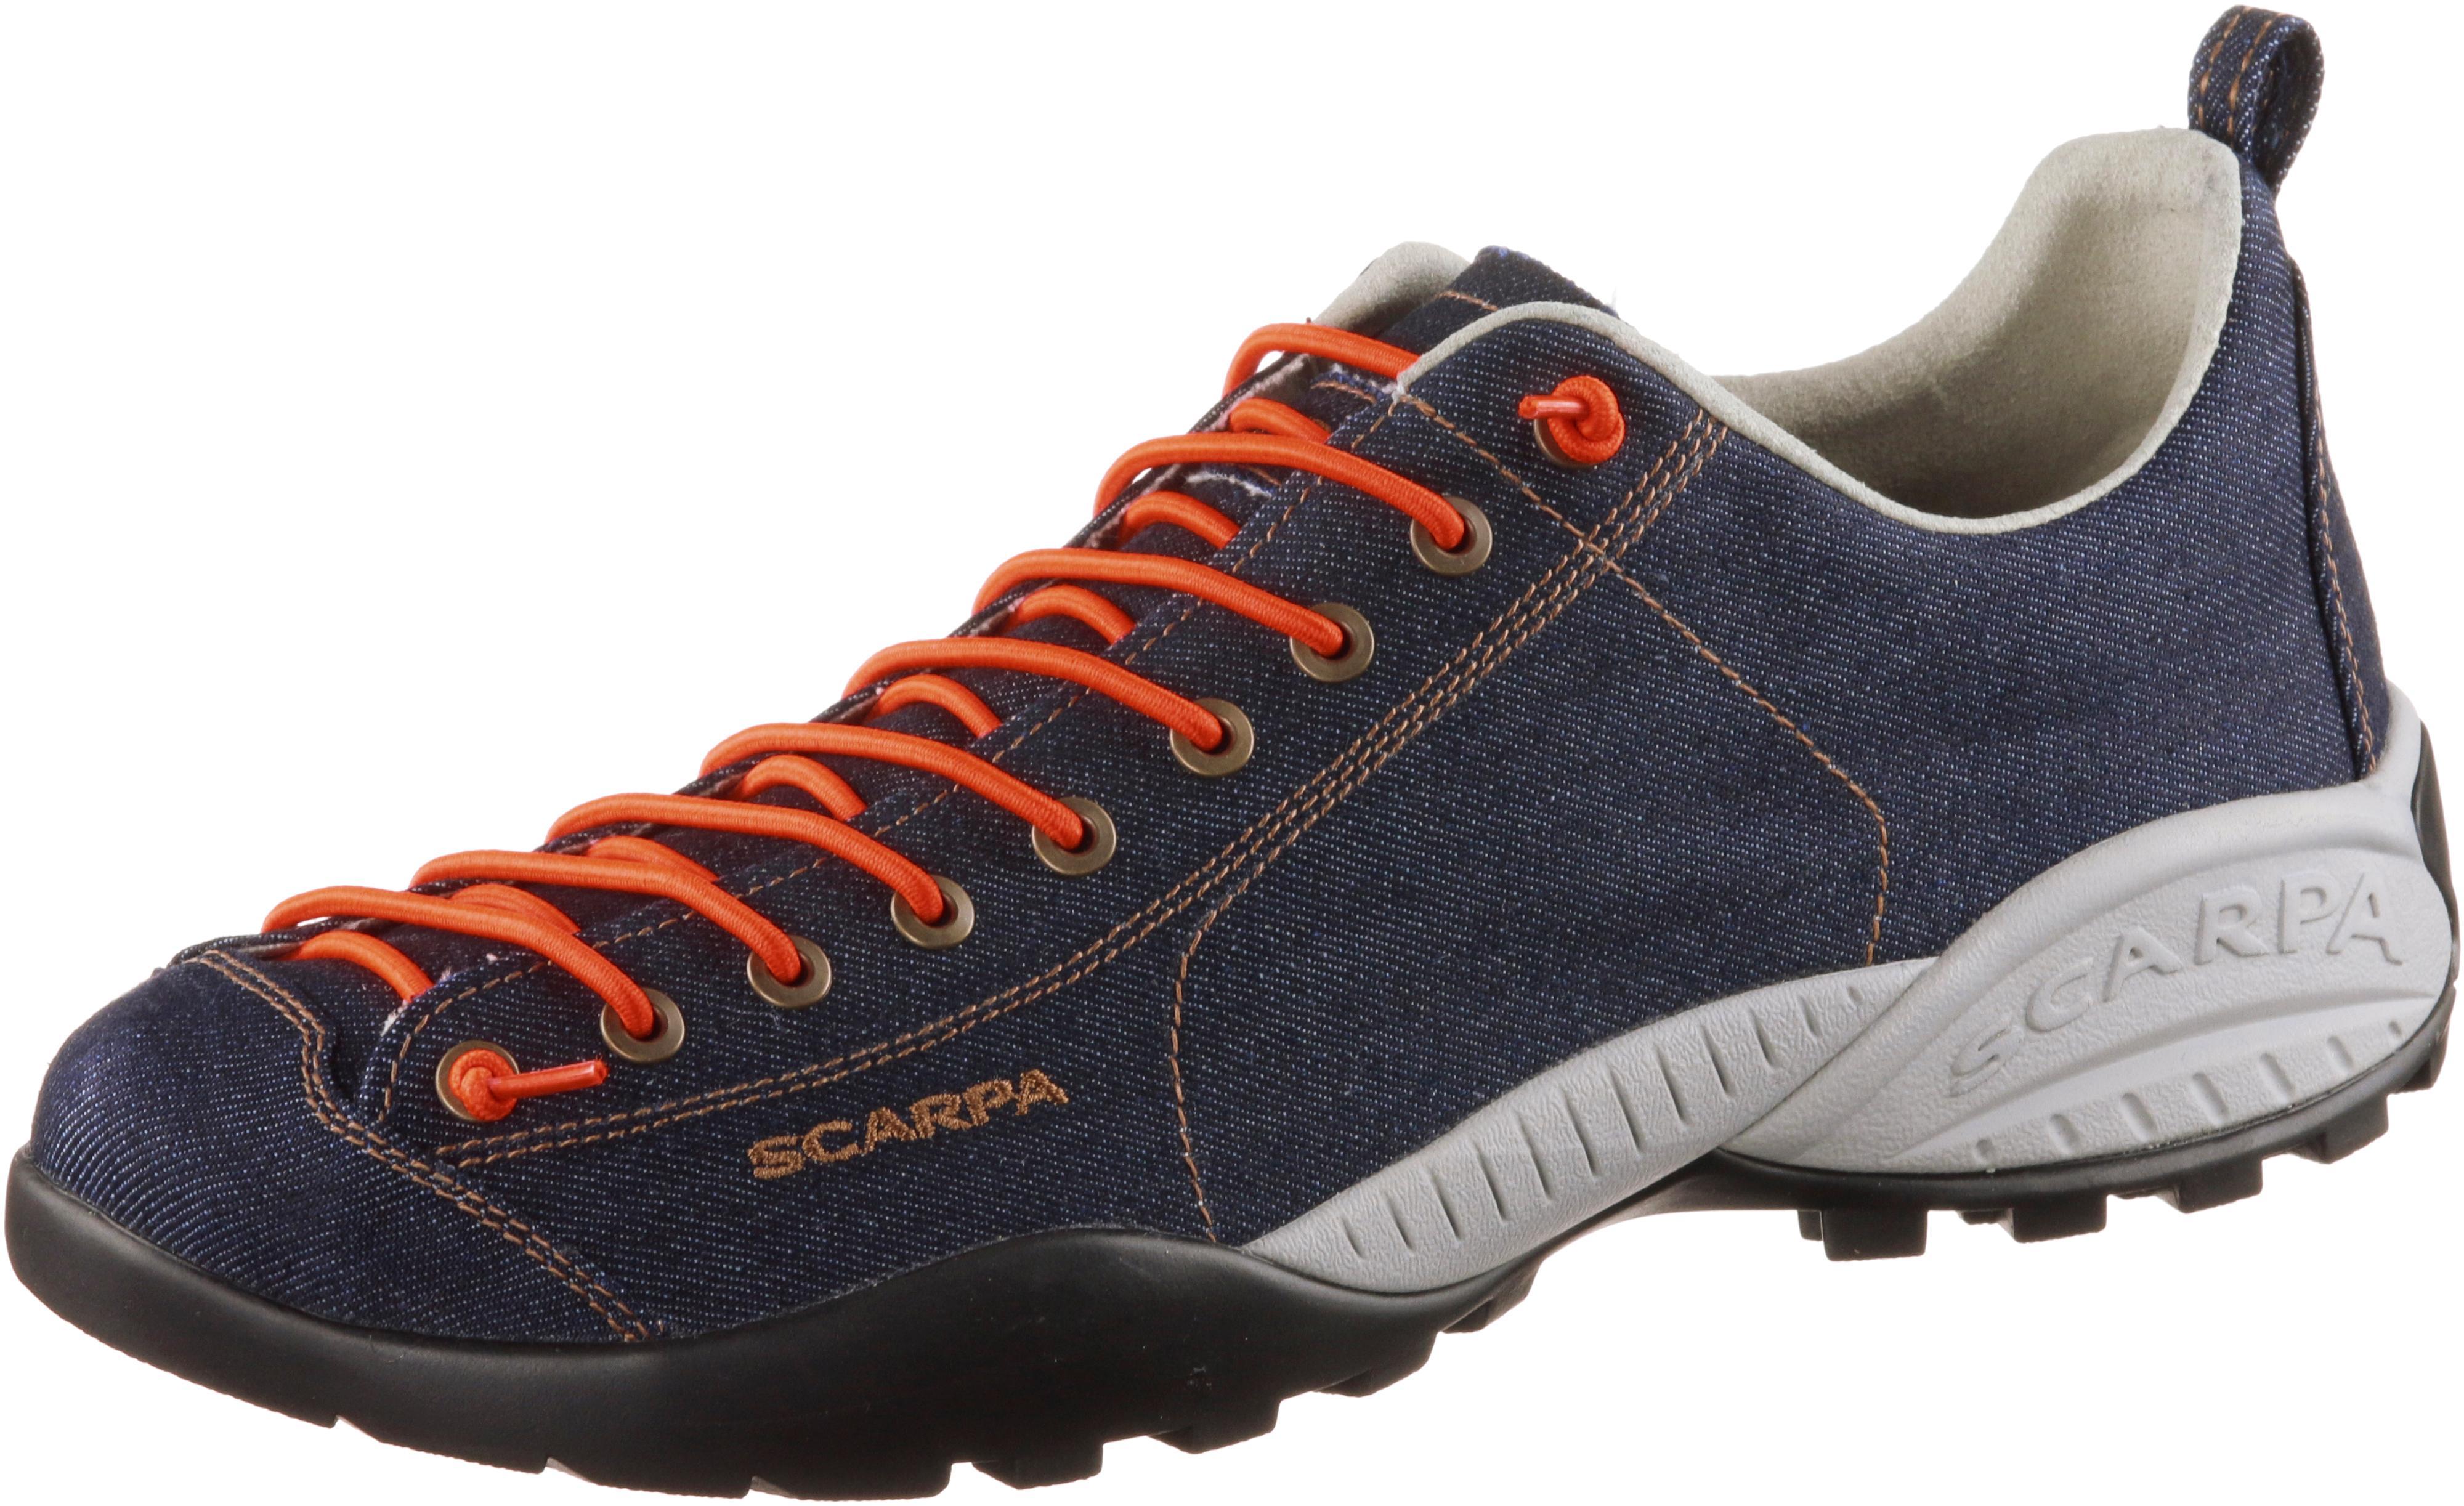 Scarpa Mojito Denim Freizeitschuhe blau im Online Online Online Shop von SportScheck kaufen Gute Qualität beliebte Schuhe 88ee19